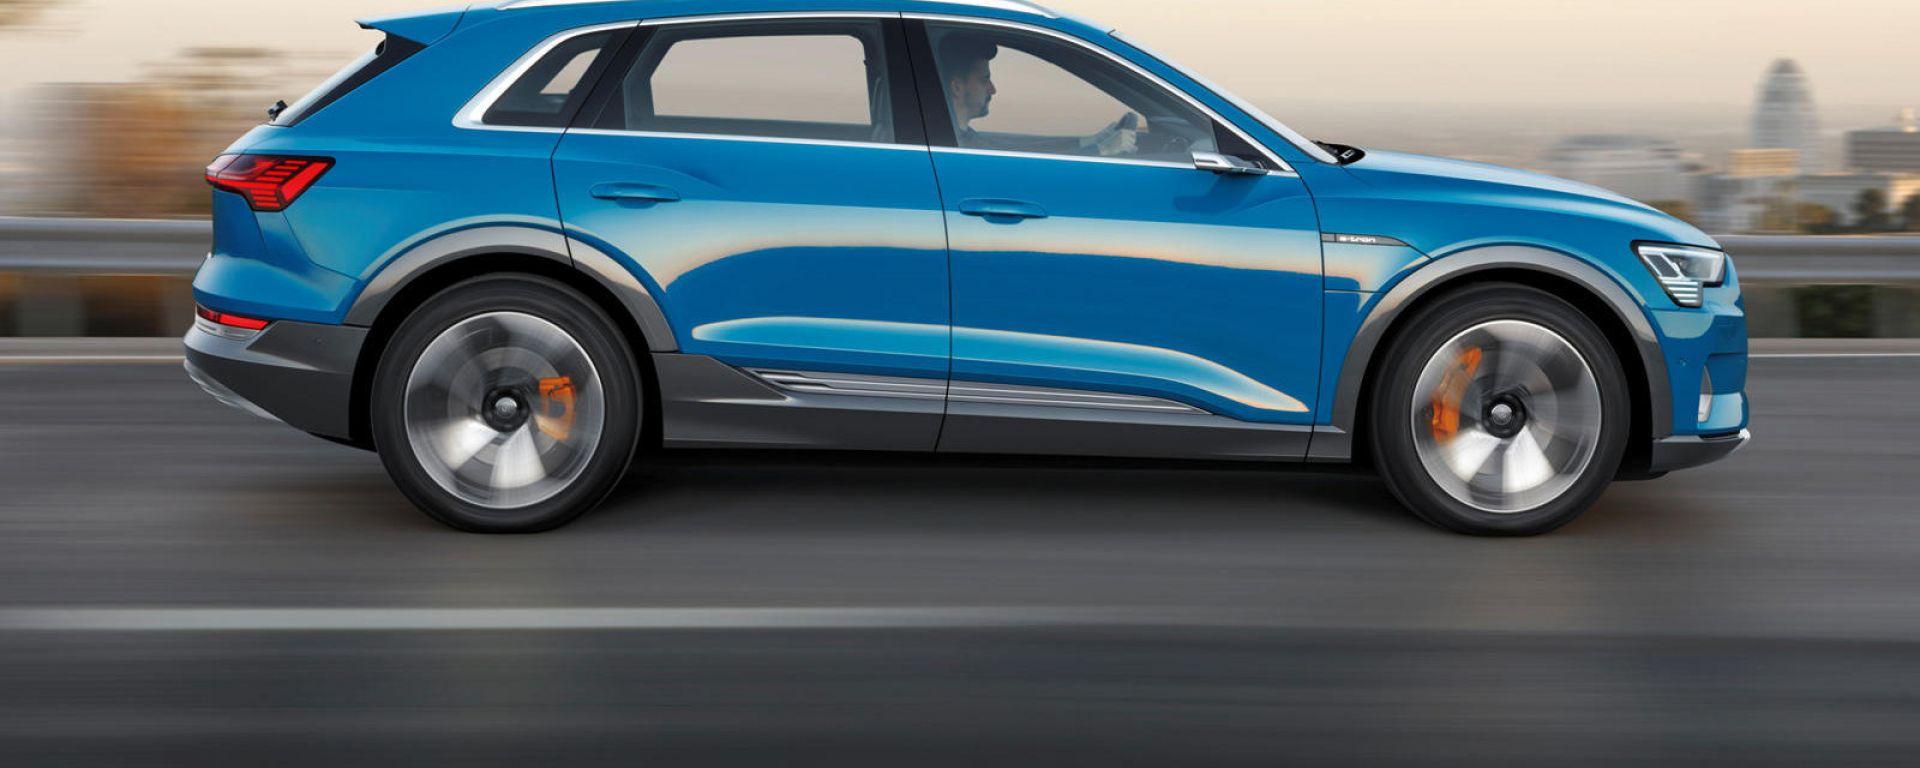 Audi e-tron quattro, primi richiami causa rischio incendio